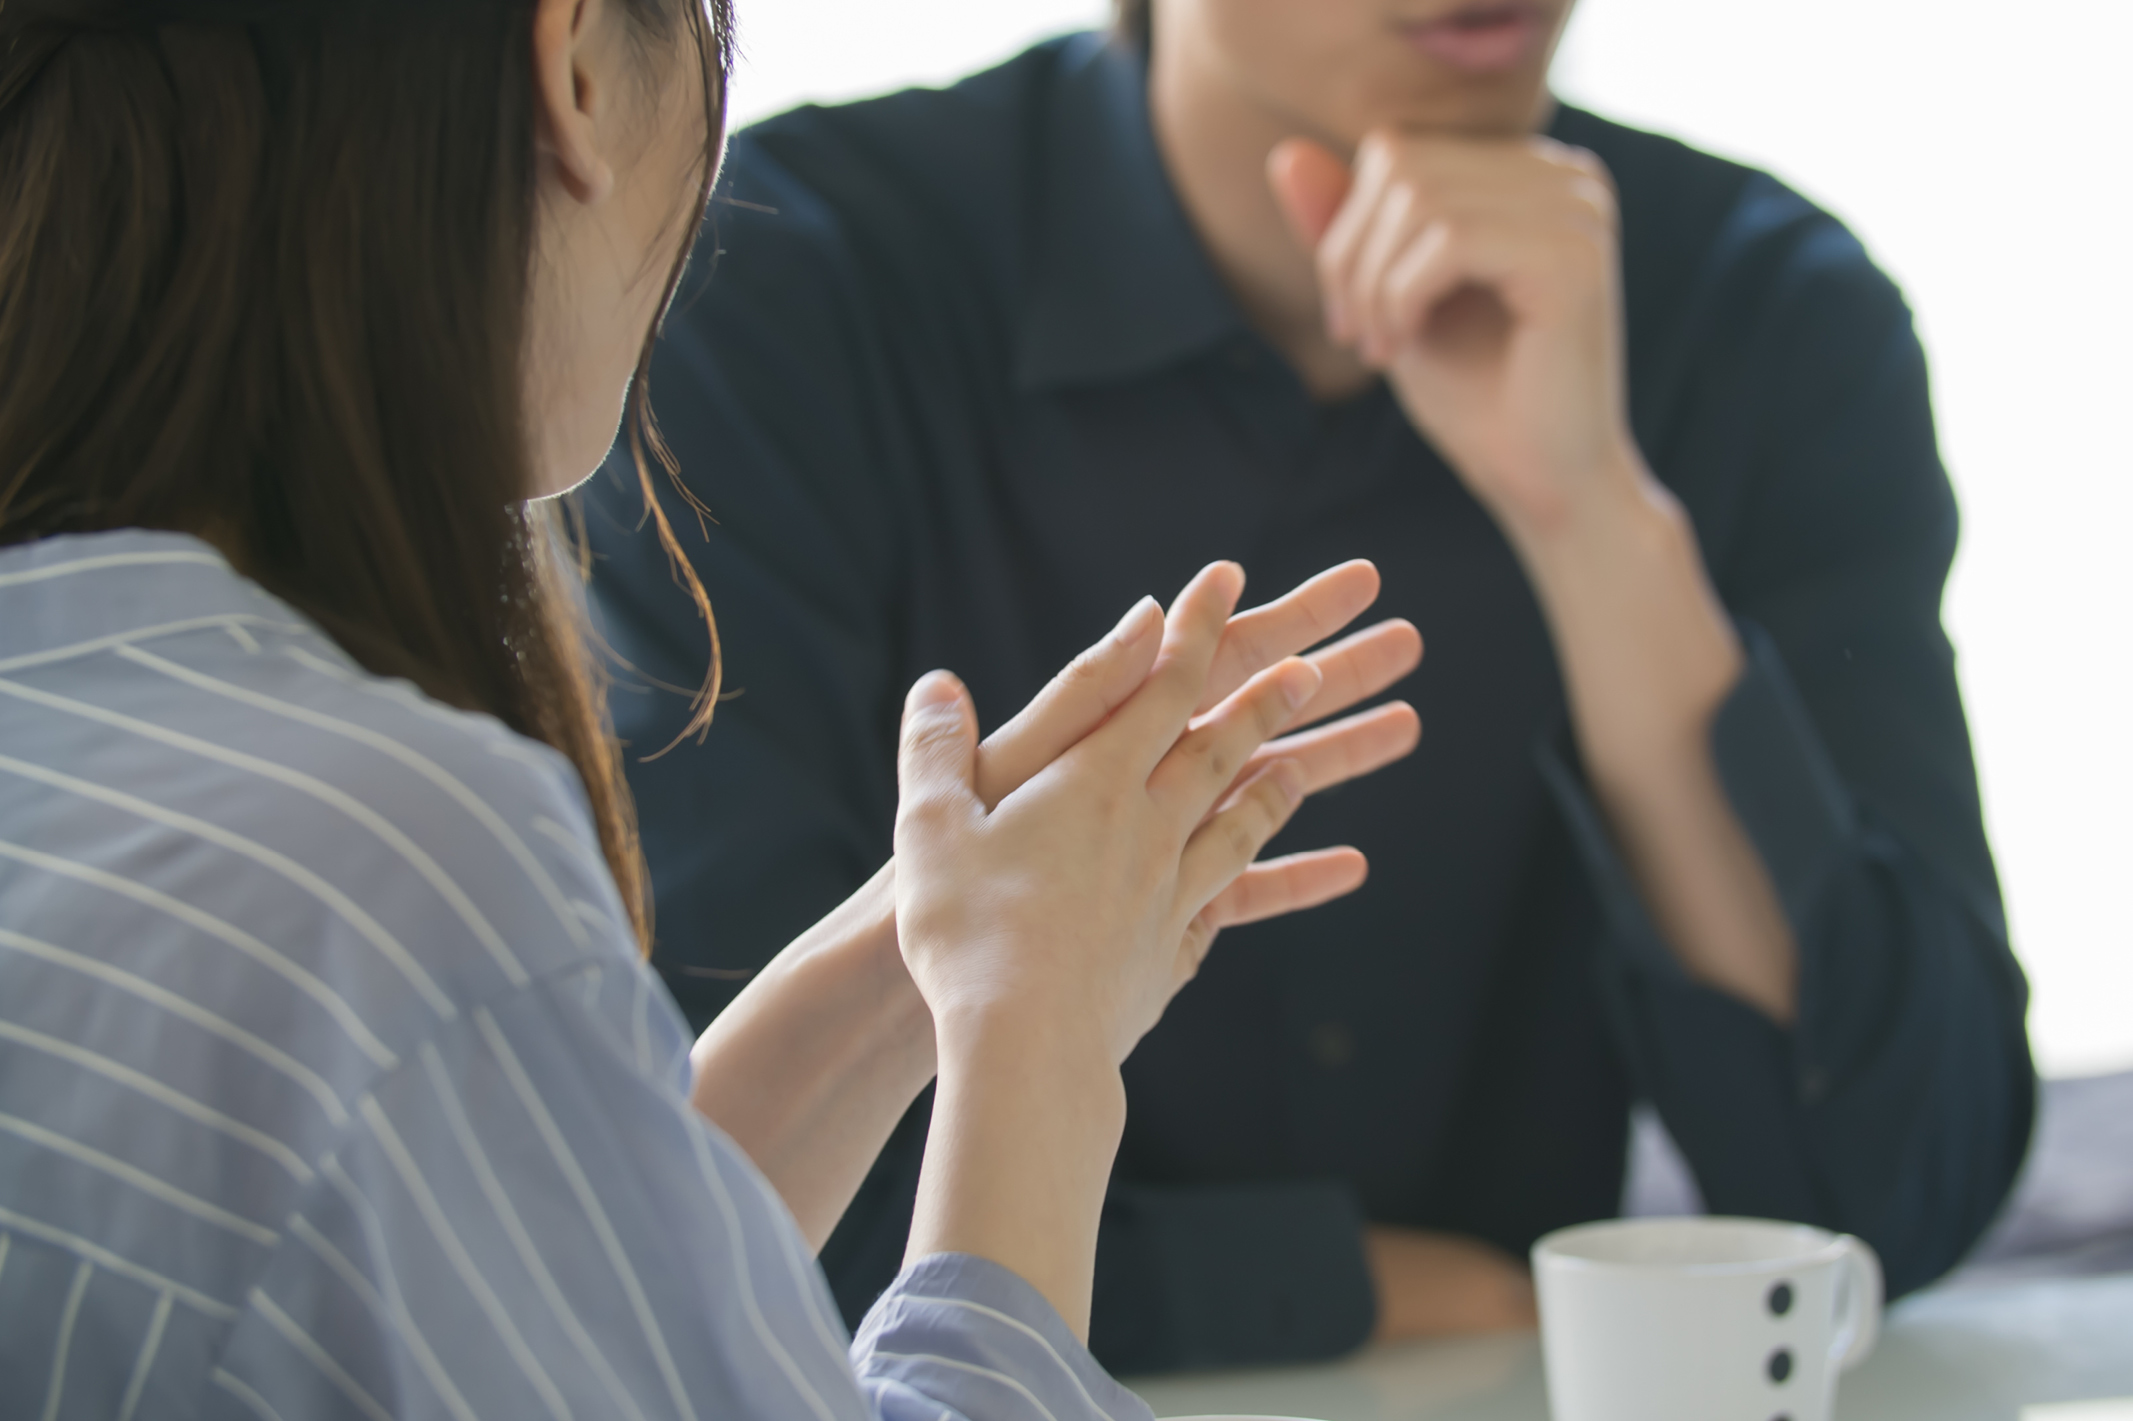 Fürs Networking kein Talent? – 5 Erfolgtstipps für erfolgreiches Netzwerken